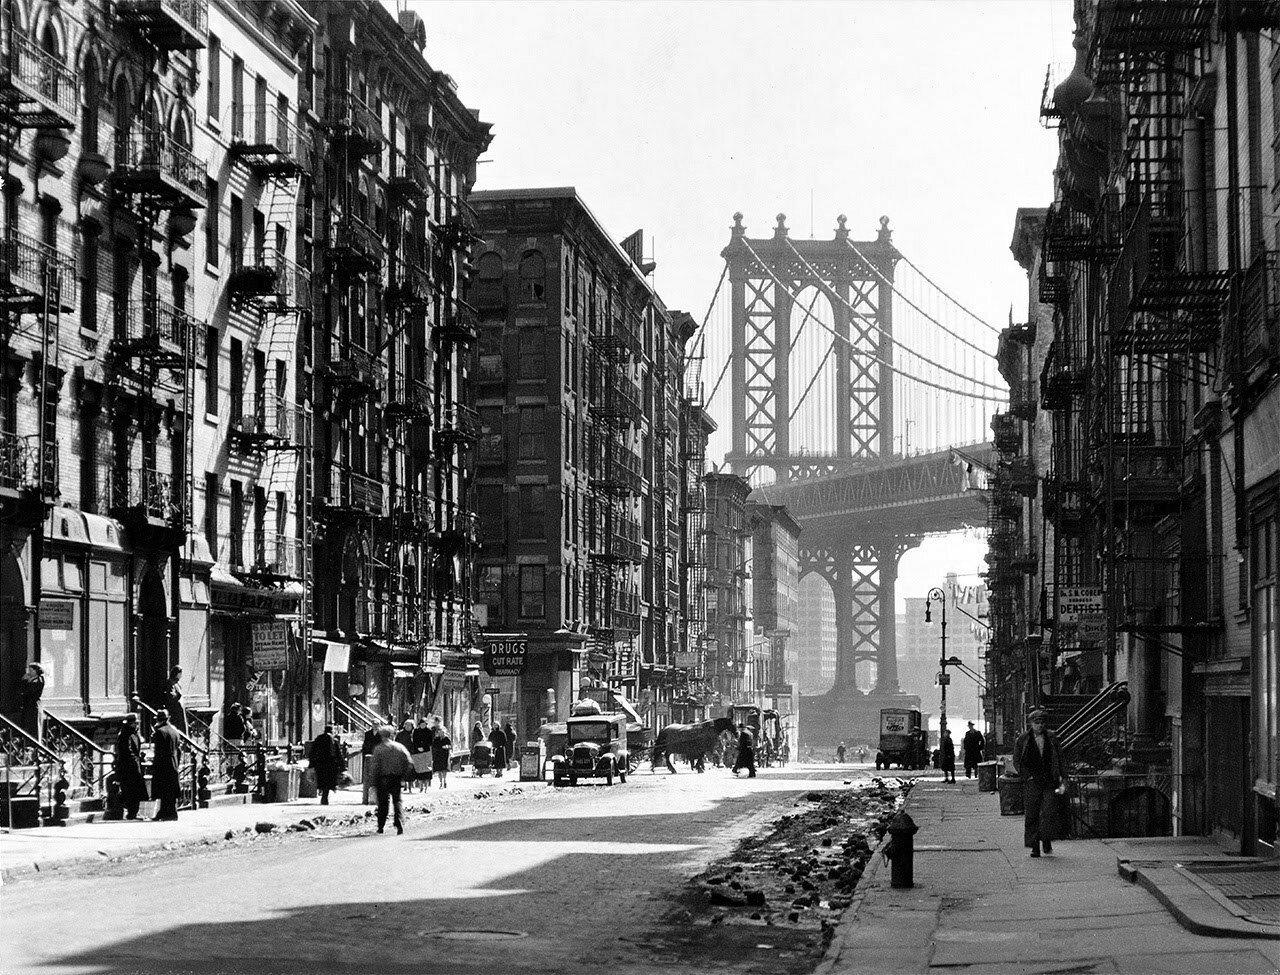 1936. Пайк и Генри-стрит. Нью-Йорк,  6 марта